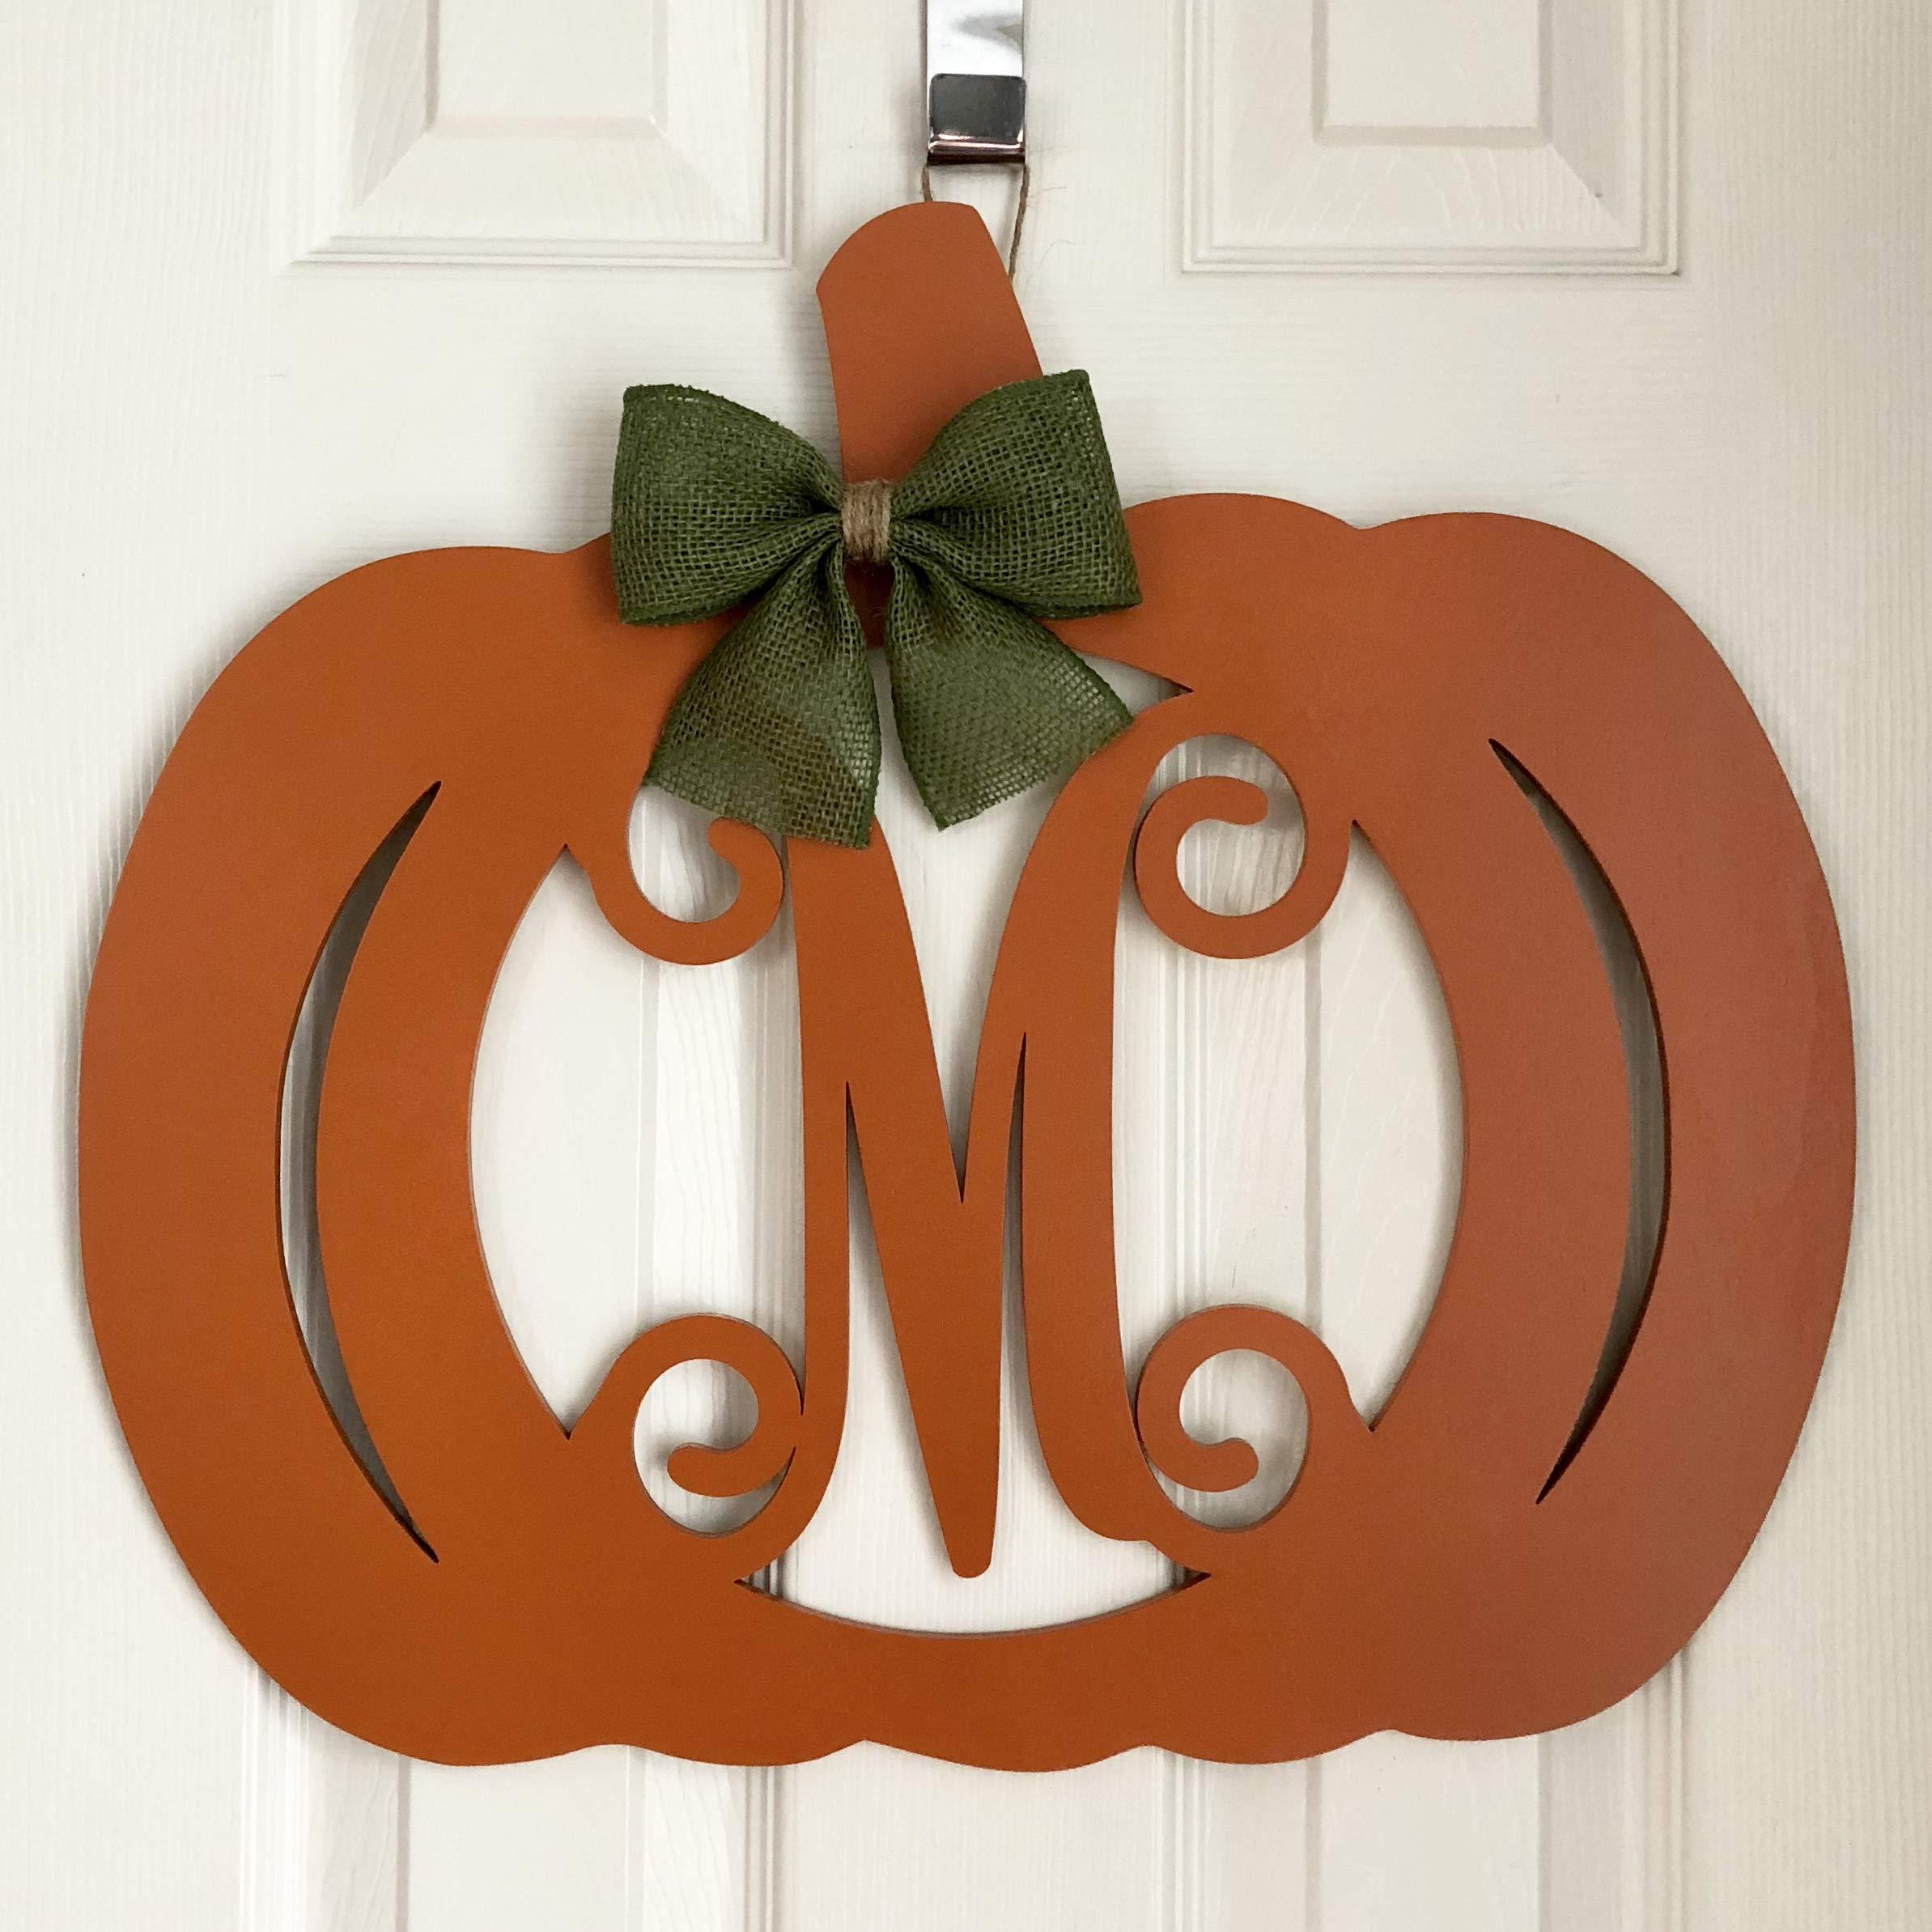 Monogram Pumpkin Door Hanger - Fall Door Hanger - Pumpkin Initial Wreath - Autumn Door Hanger - Pumpkin Wreath - Door Pumpkin Decor by Adore Your Door